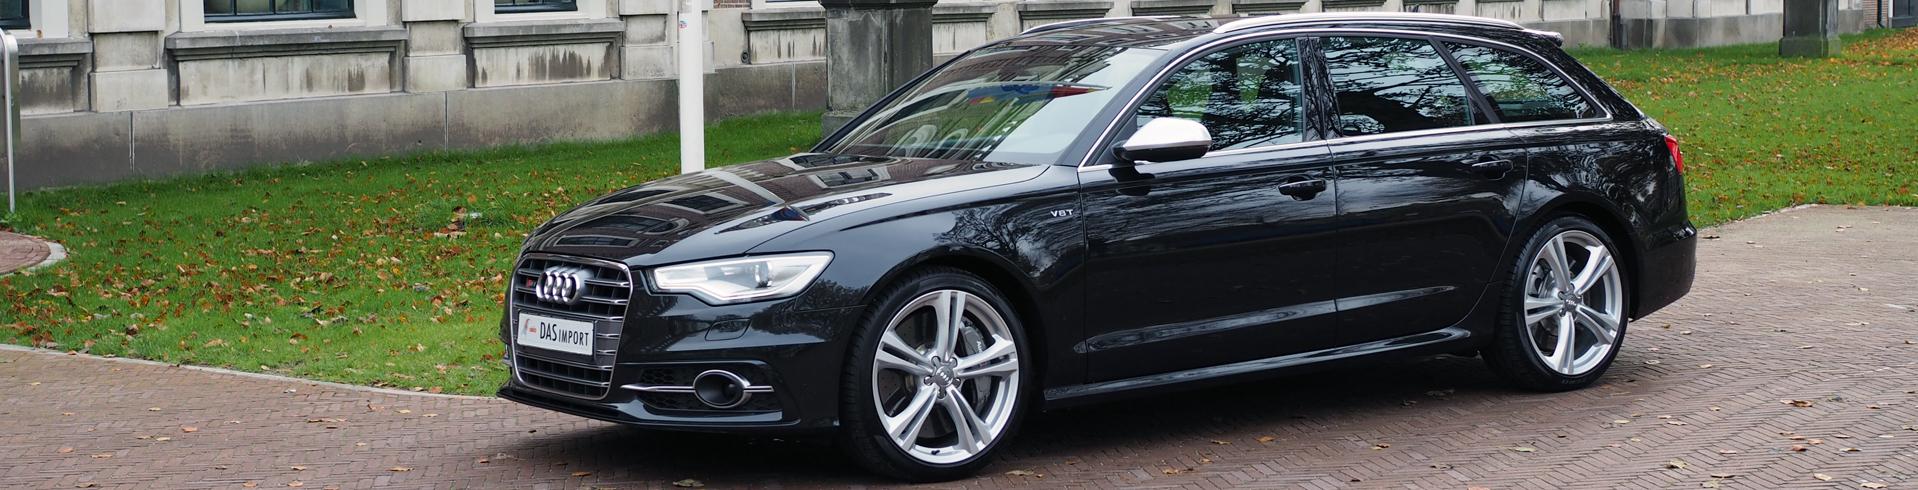 5.-Audi-S6